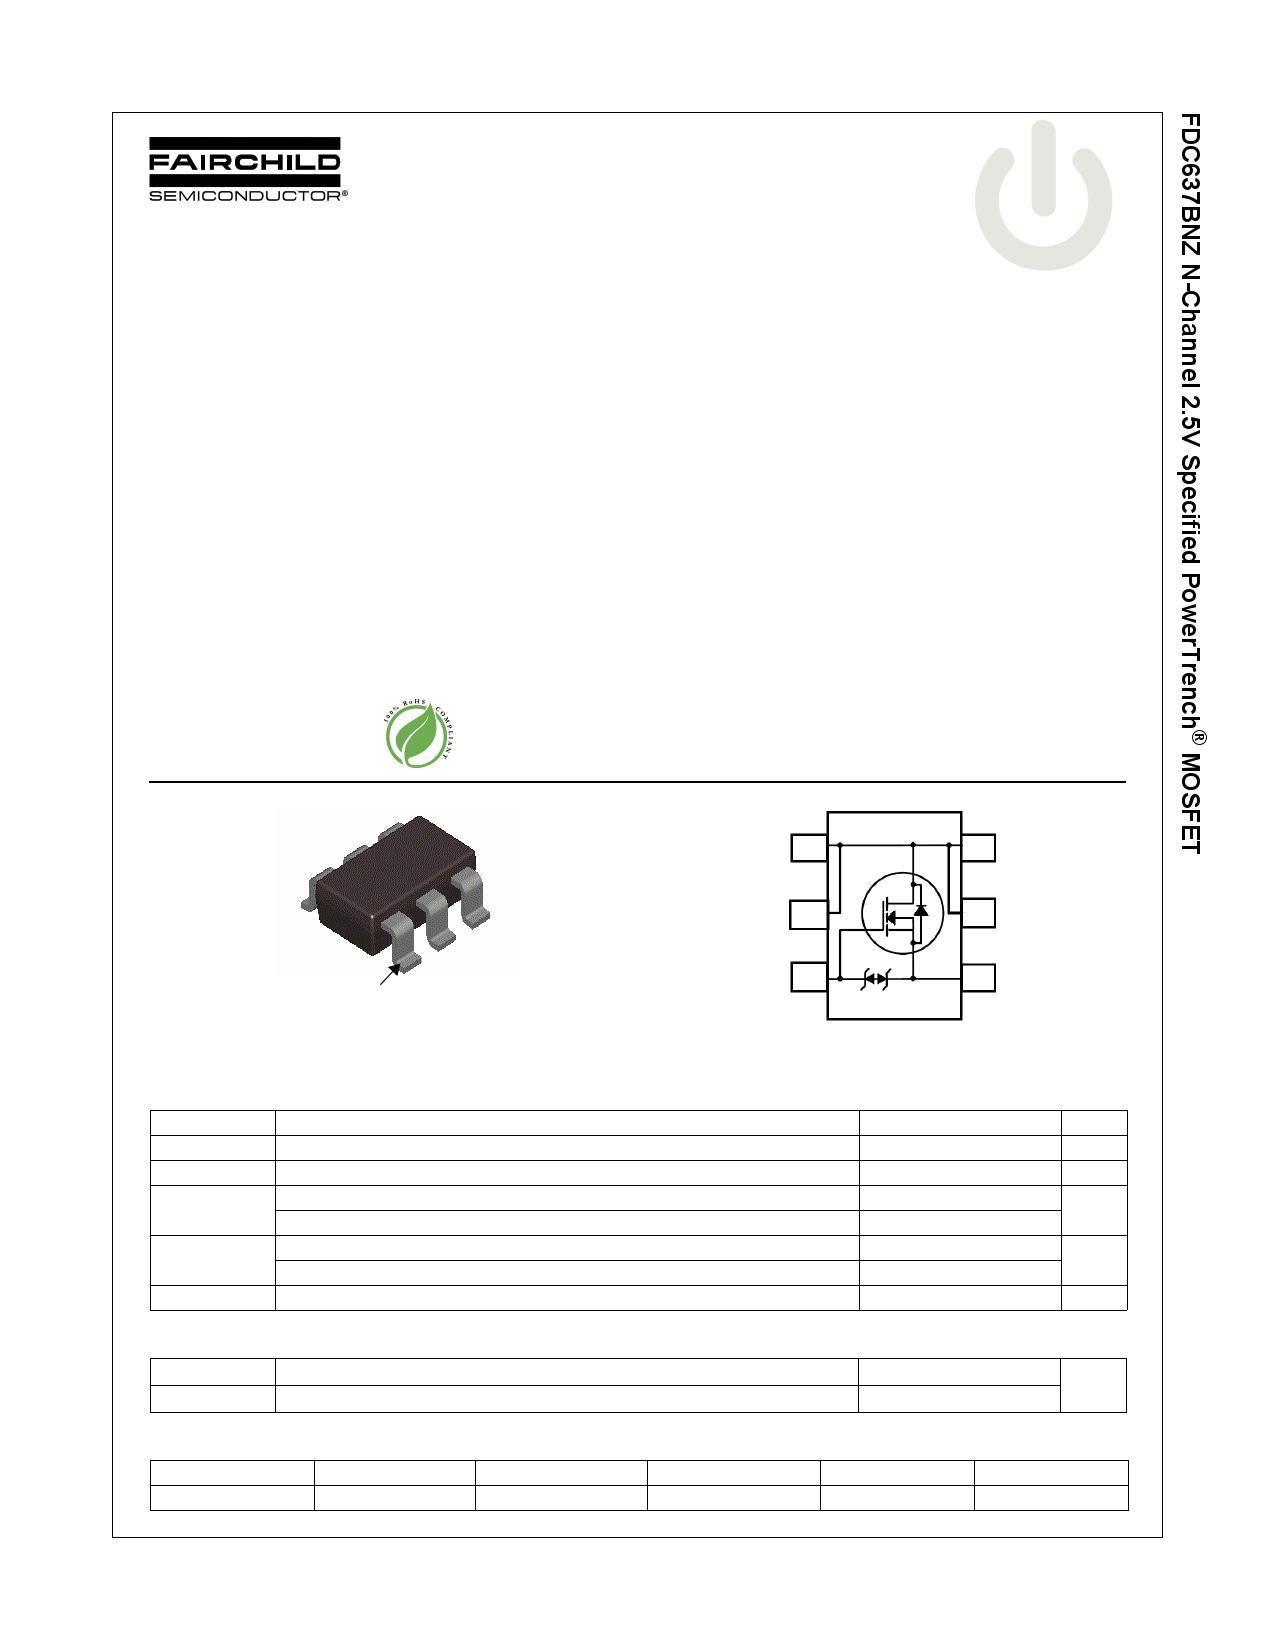 FDC637BNZ 데이터시트 및 FDC637BNZ PDF